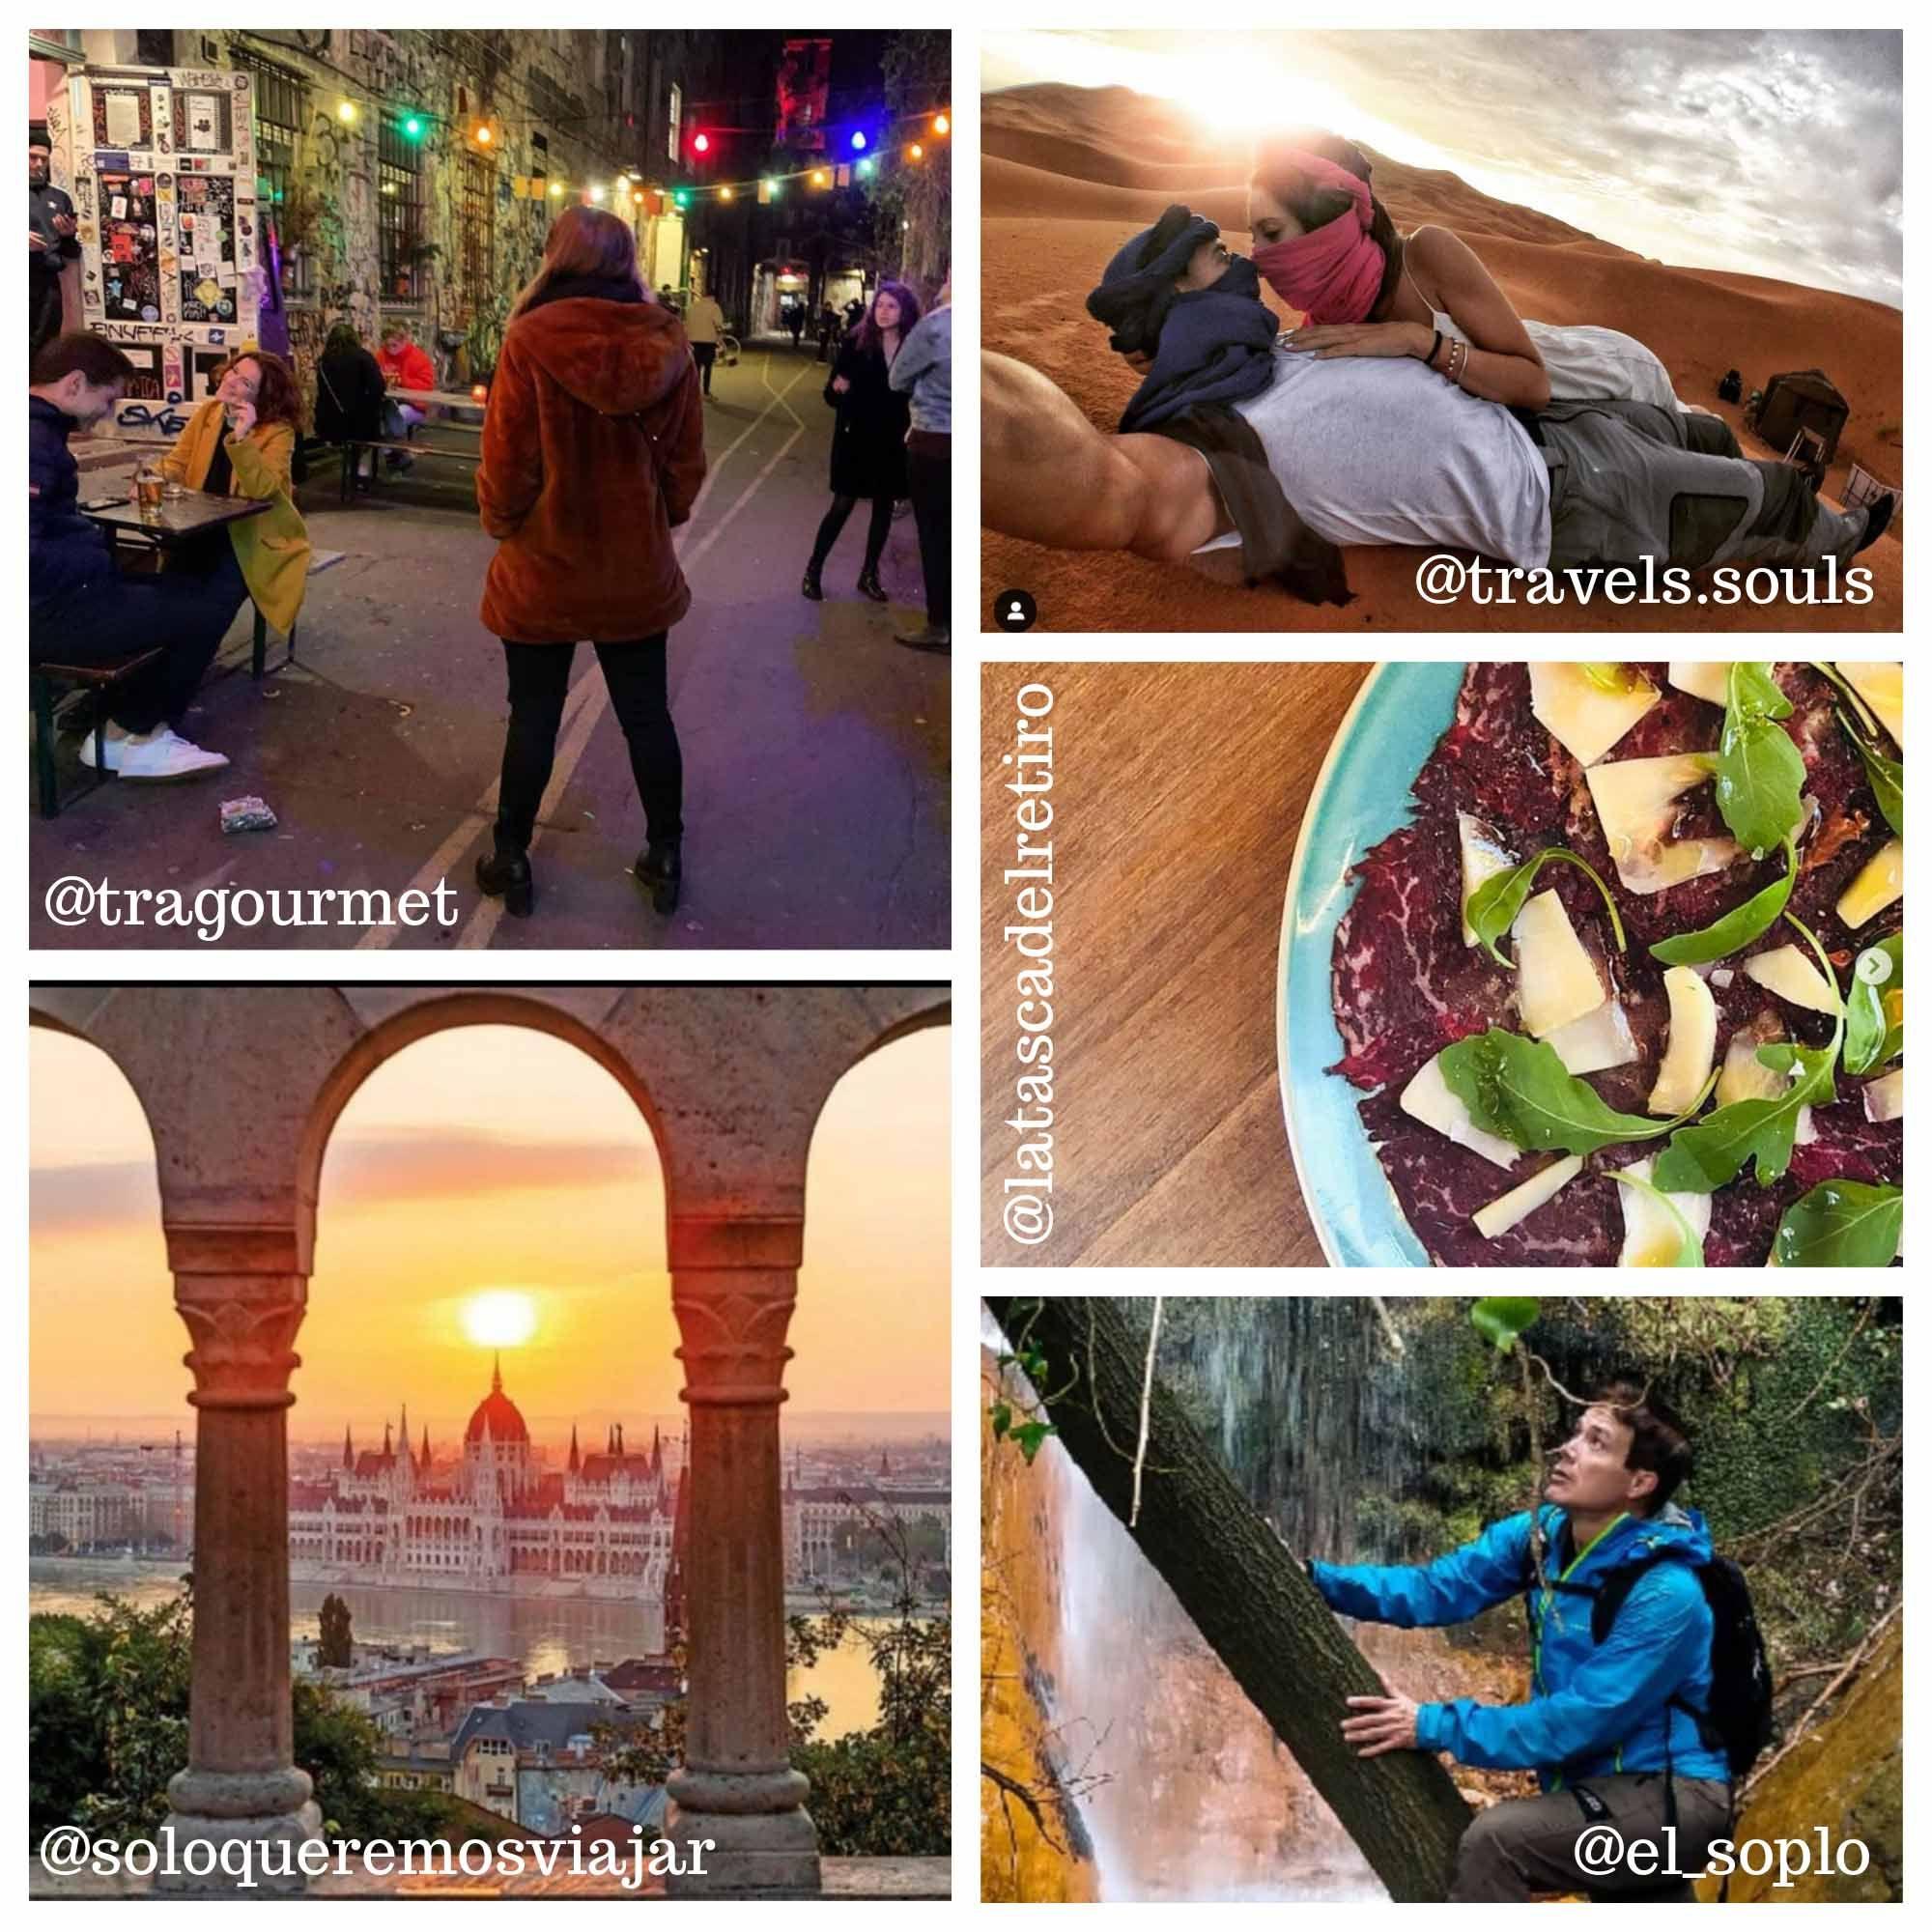 Fotografia Influencers de viajes y gastronomía